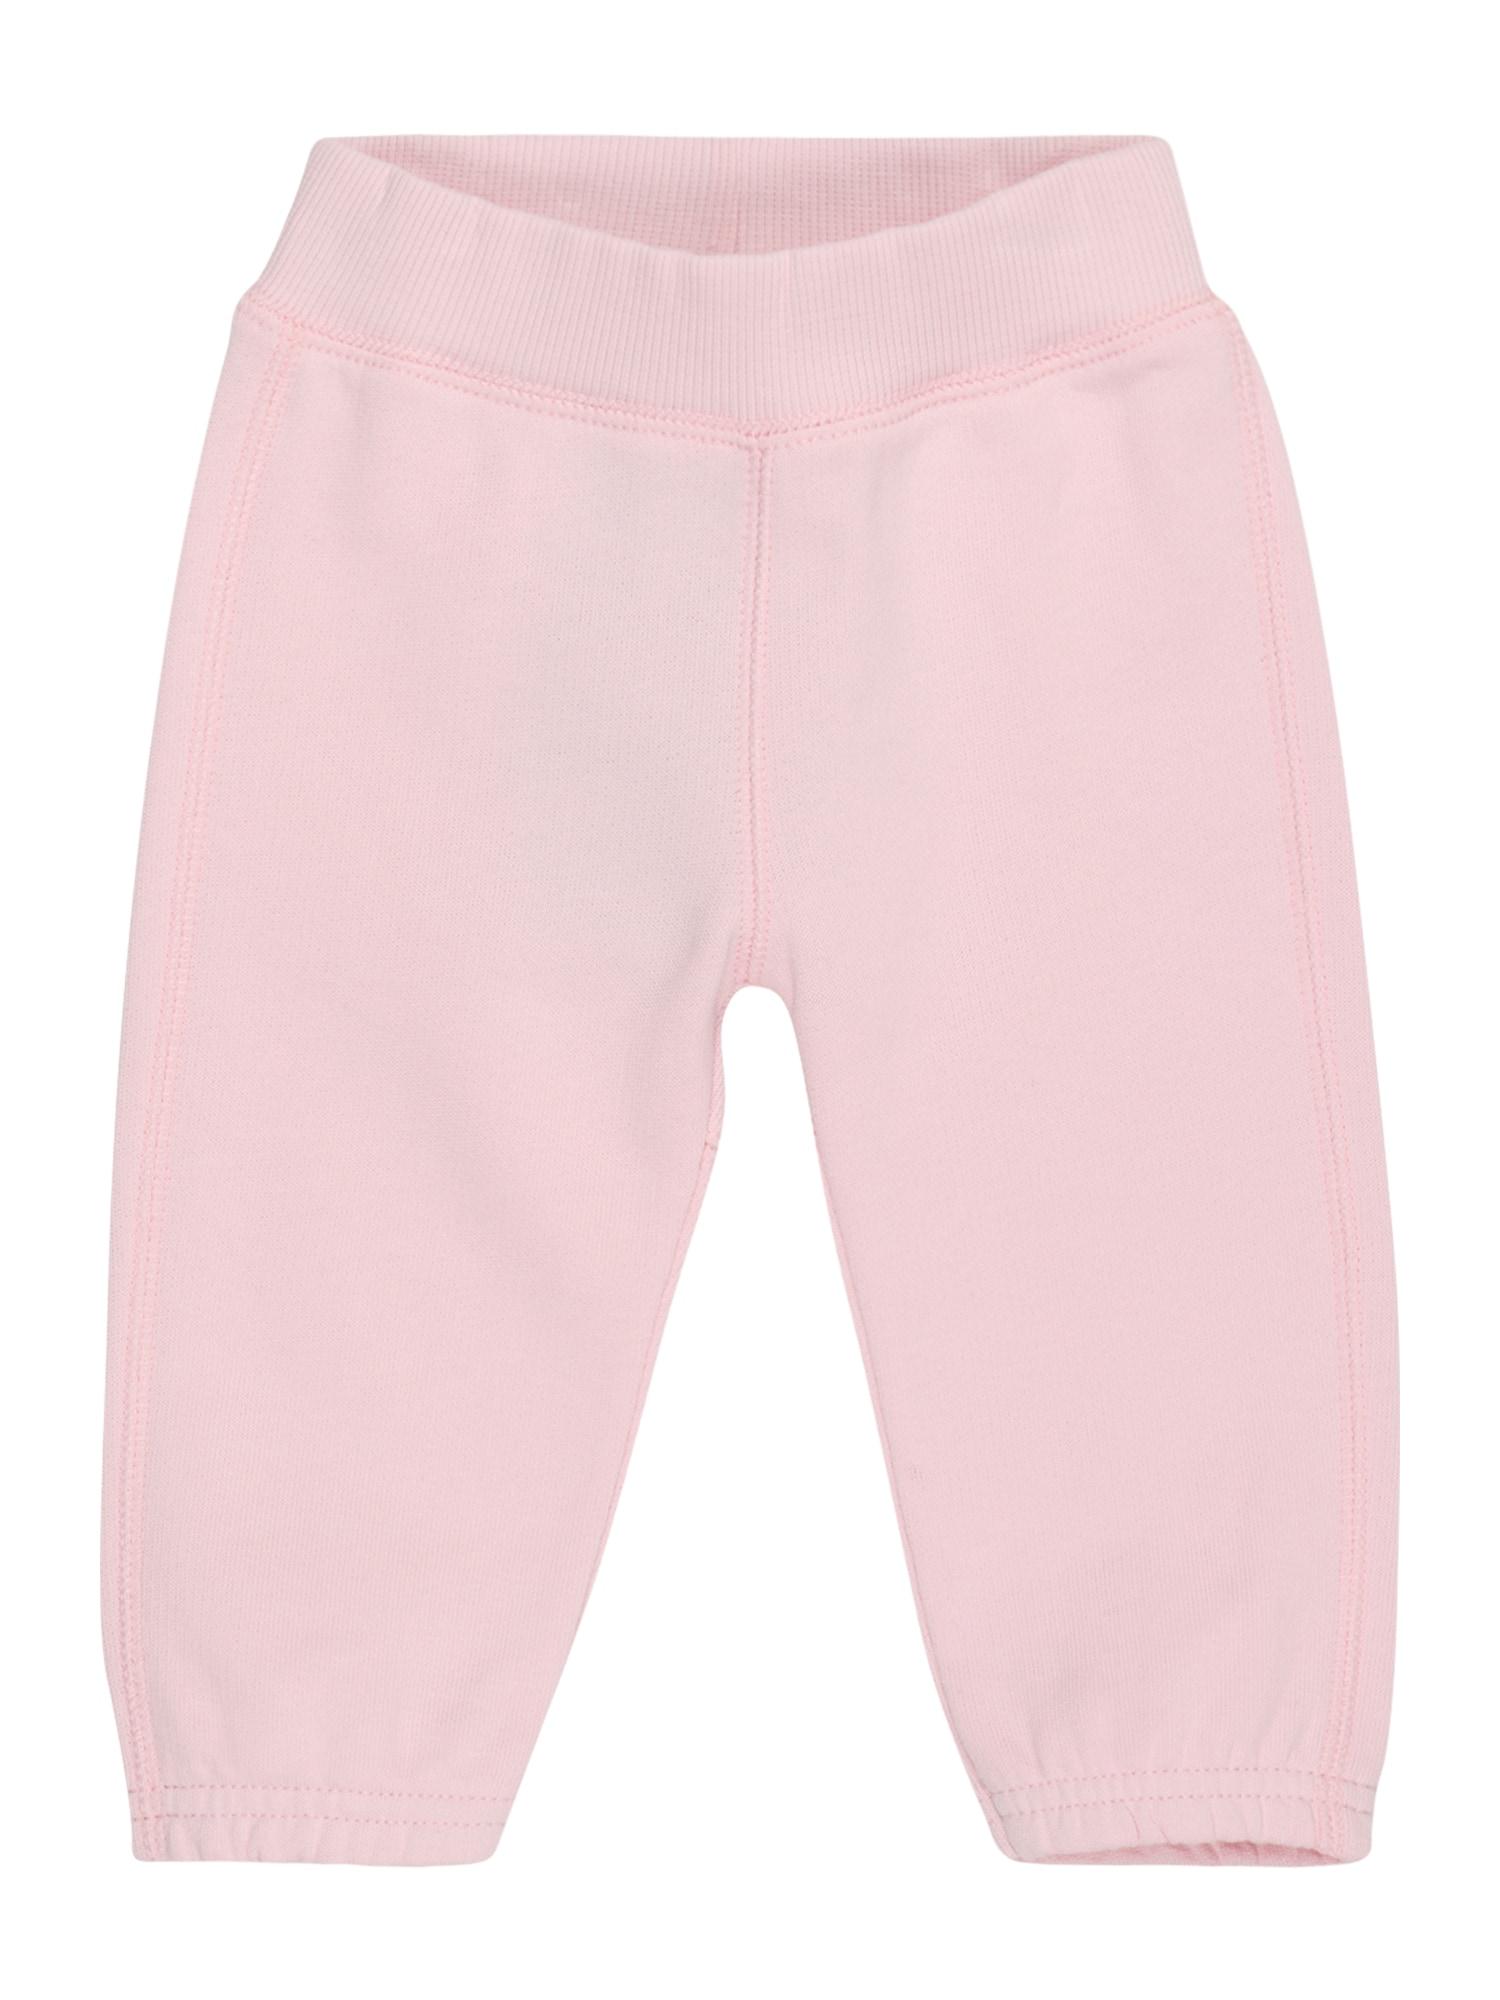 UNITED COLORS OF BENETTON Kelnės šviesiai rožinė / pilka / balta